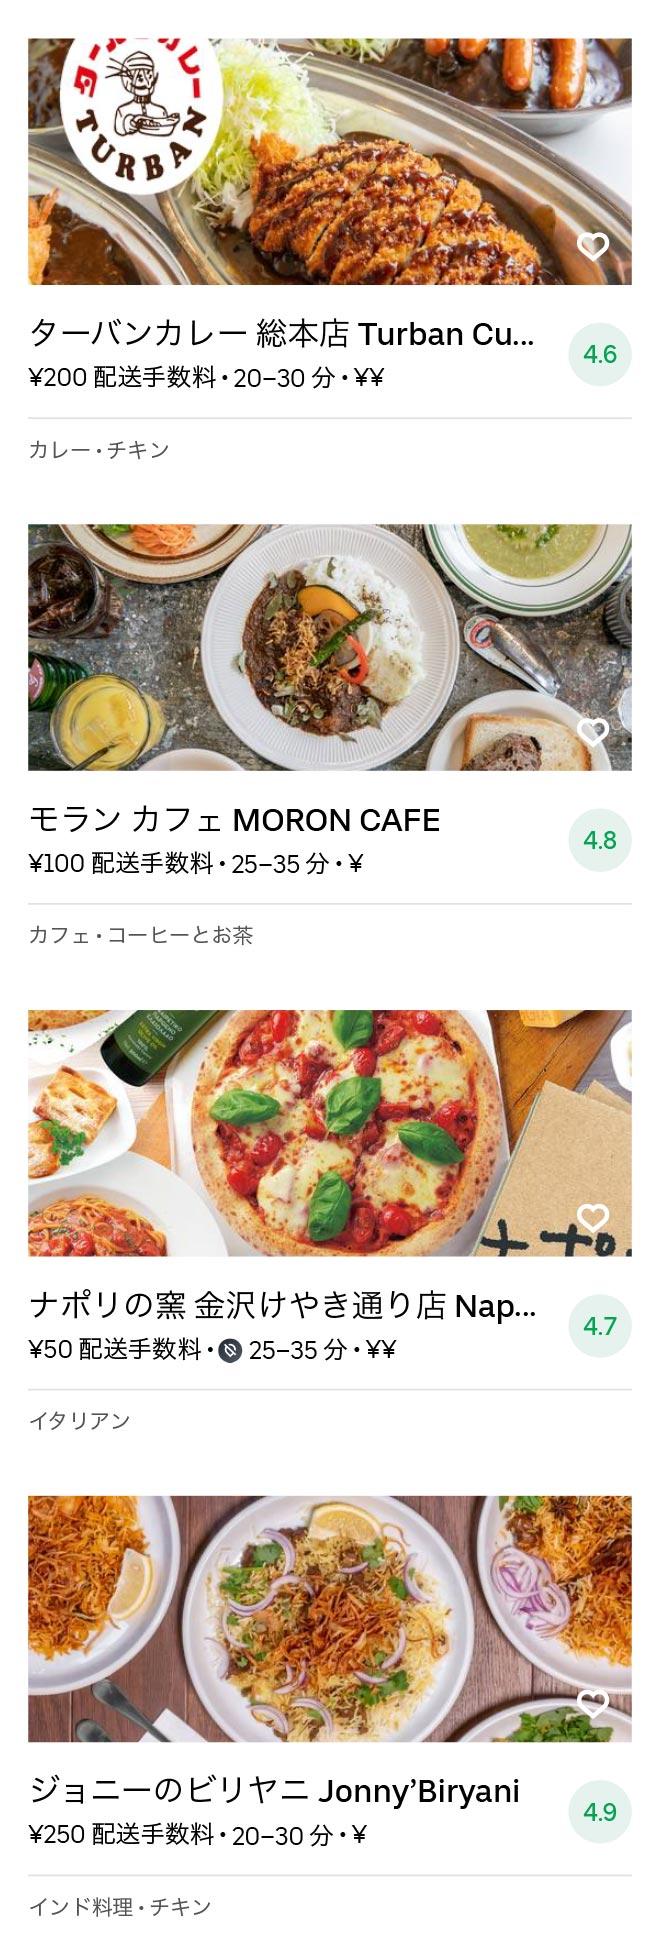 Kanazawa menu 2009 07